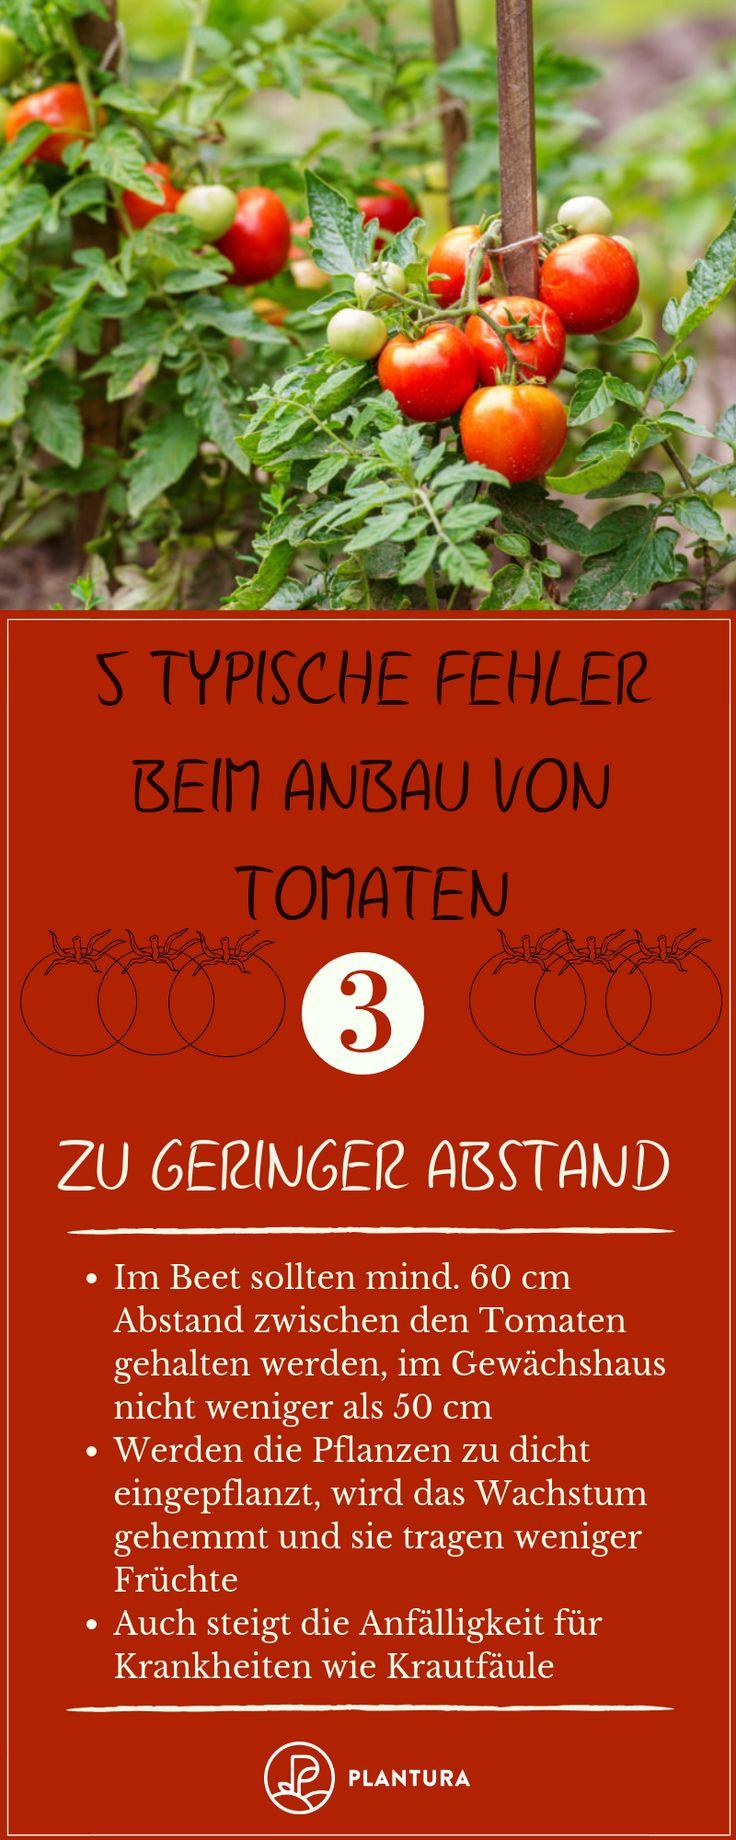 5 typische Fehler beim Anbau von Tomaten